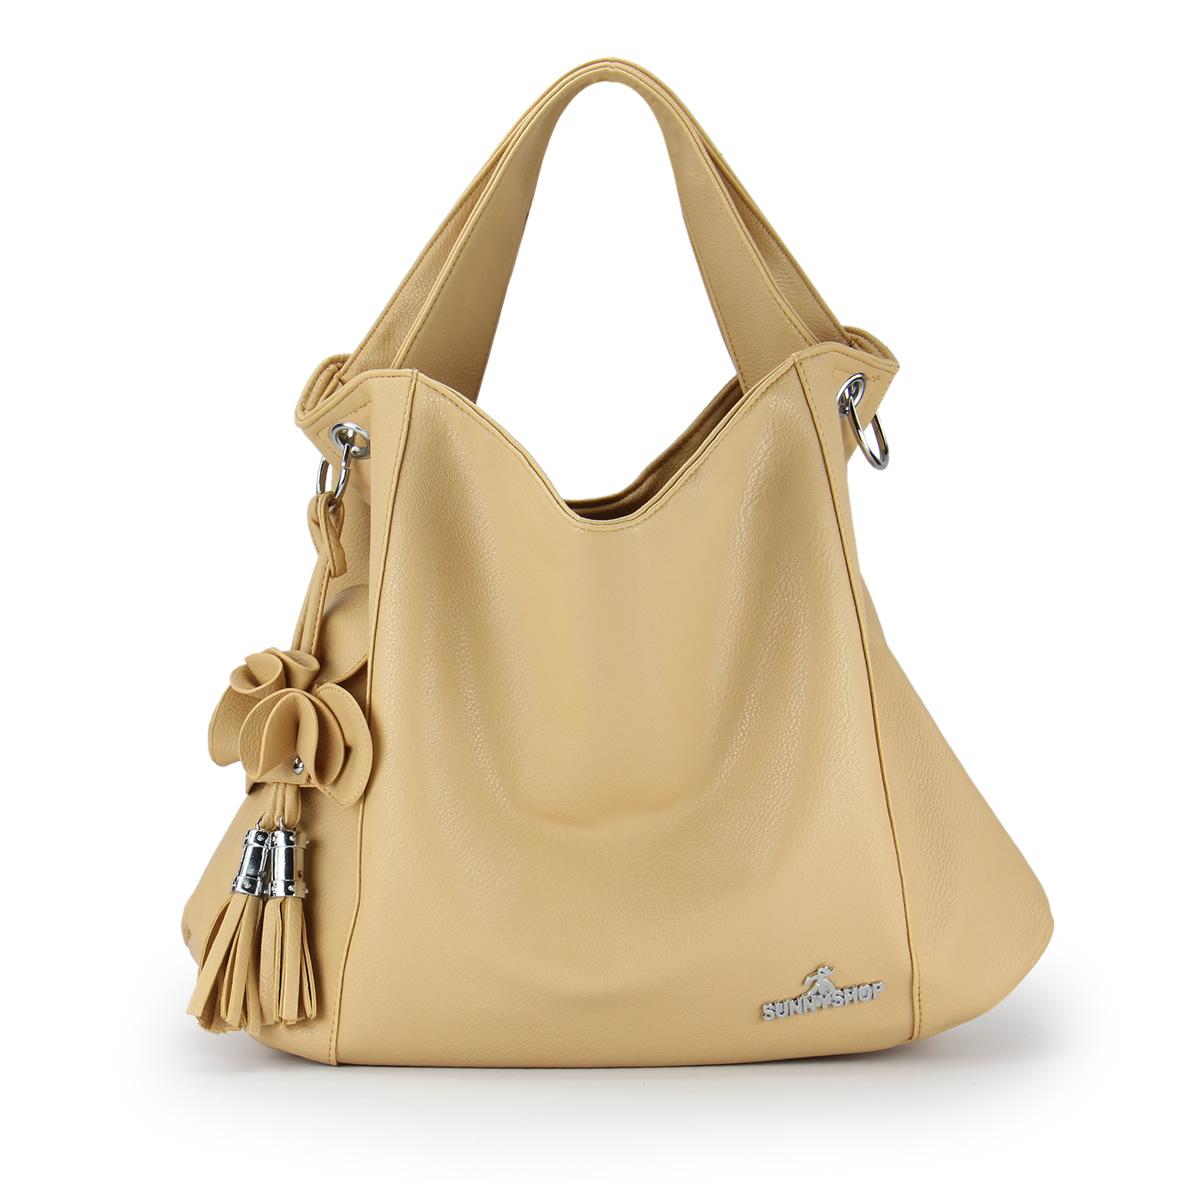 2013 women's handbag brief tassel flower one shoulder handbag messenger bag women's bag female bags